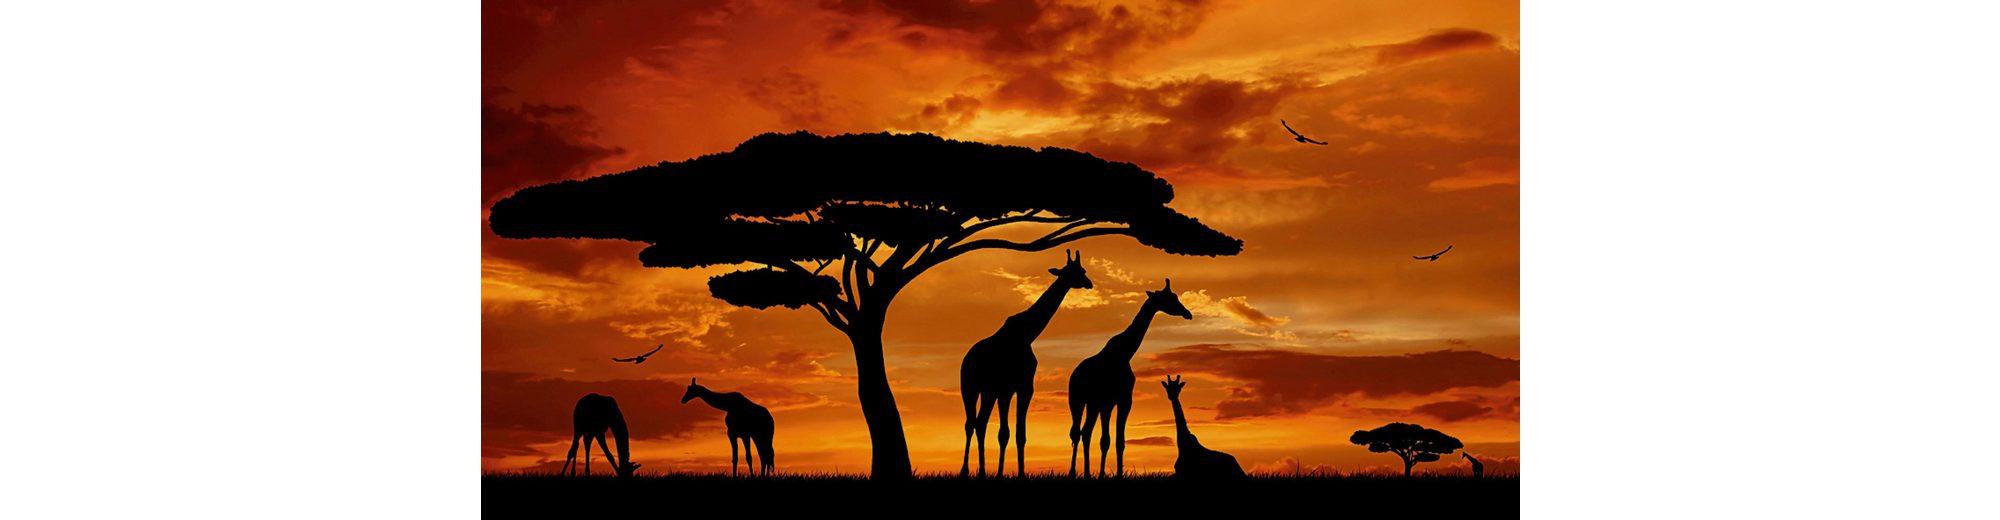 Home affaire Glasbild »vencav: Herde von Giraffen im Sonnenuntergang«, 100/50 cm